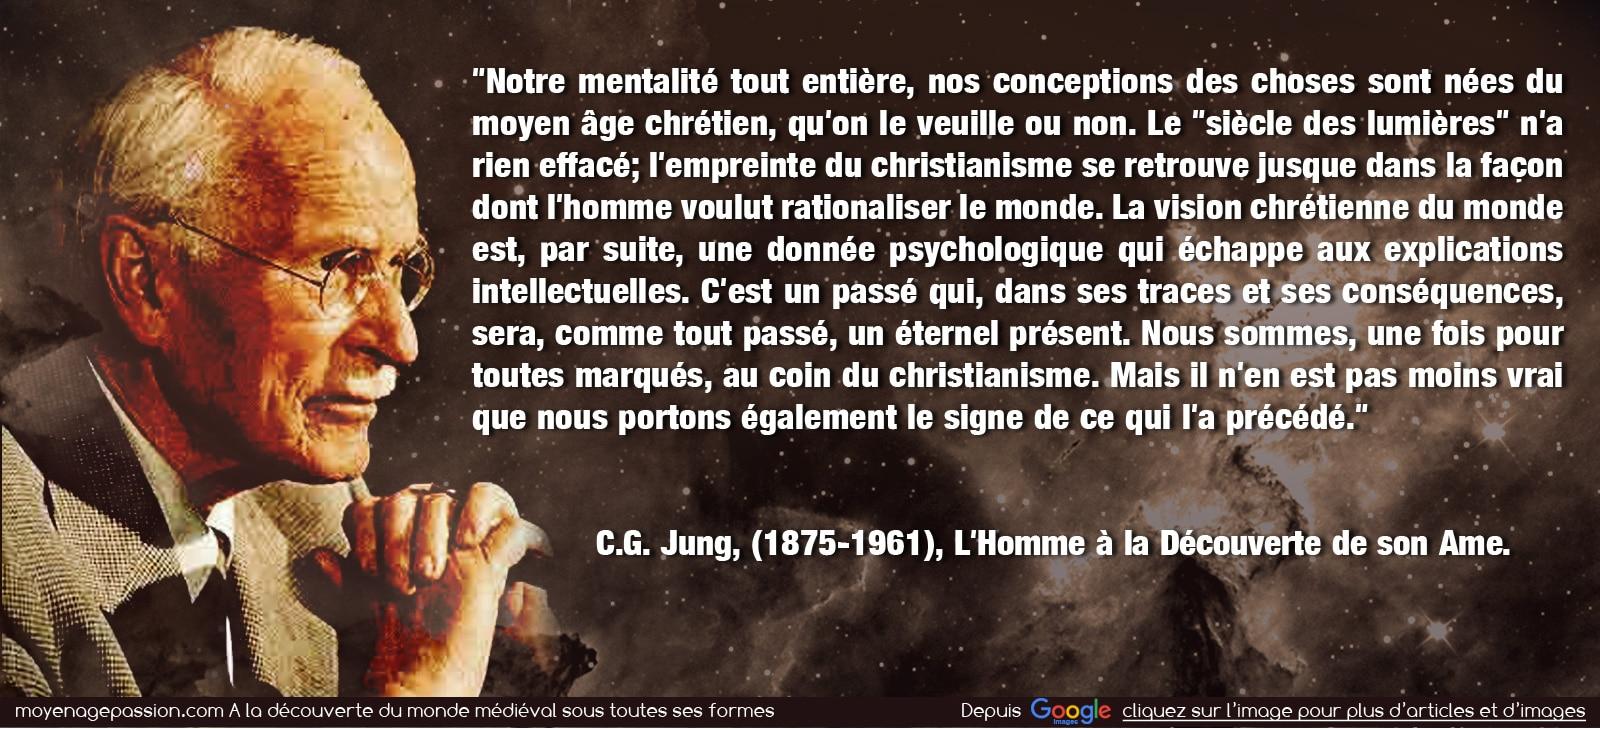 Carl_jung_citation_histoire_monde_medievale_moyen-age_chretien